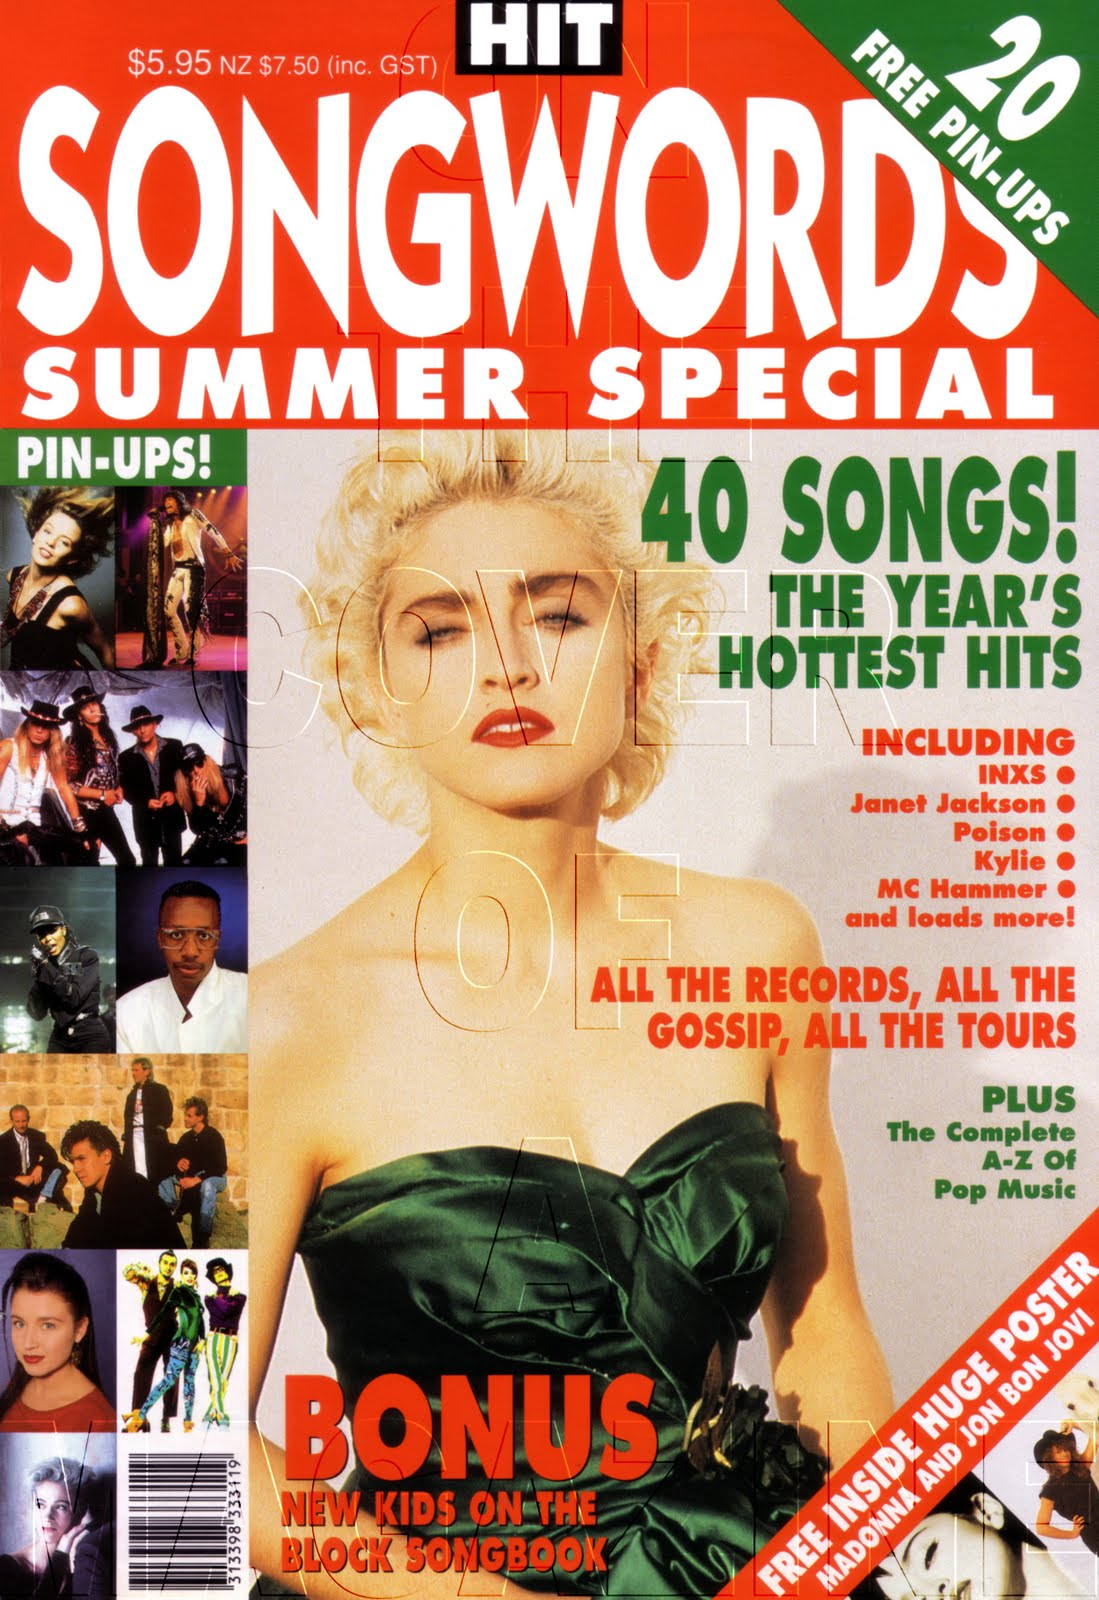 http://1.bp.blogspot.com/_eA7ZafYKvfU/THCX3kJ8aEI/AAAAAAAADzY/vVFaGMFW5V0/s1600/Australia+Hit+Songwords+1989+copy.jpg